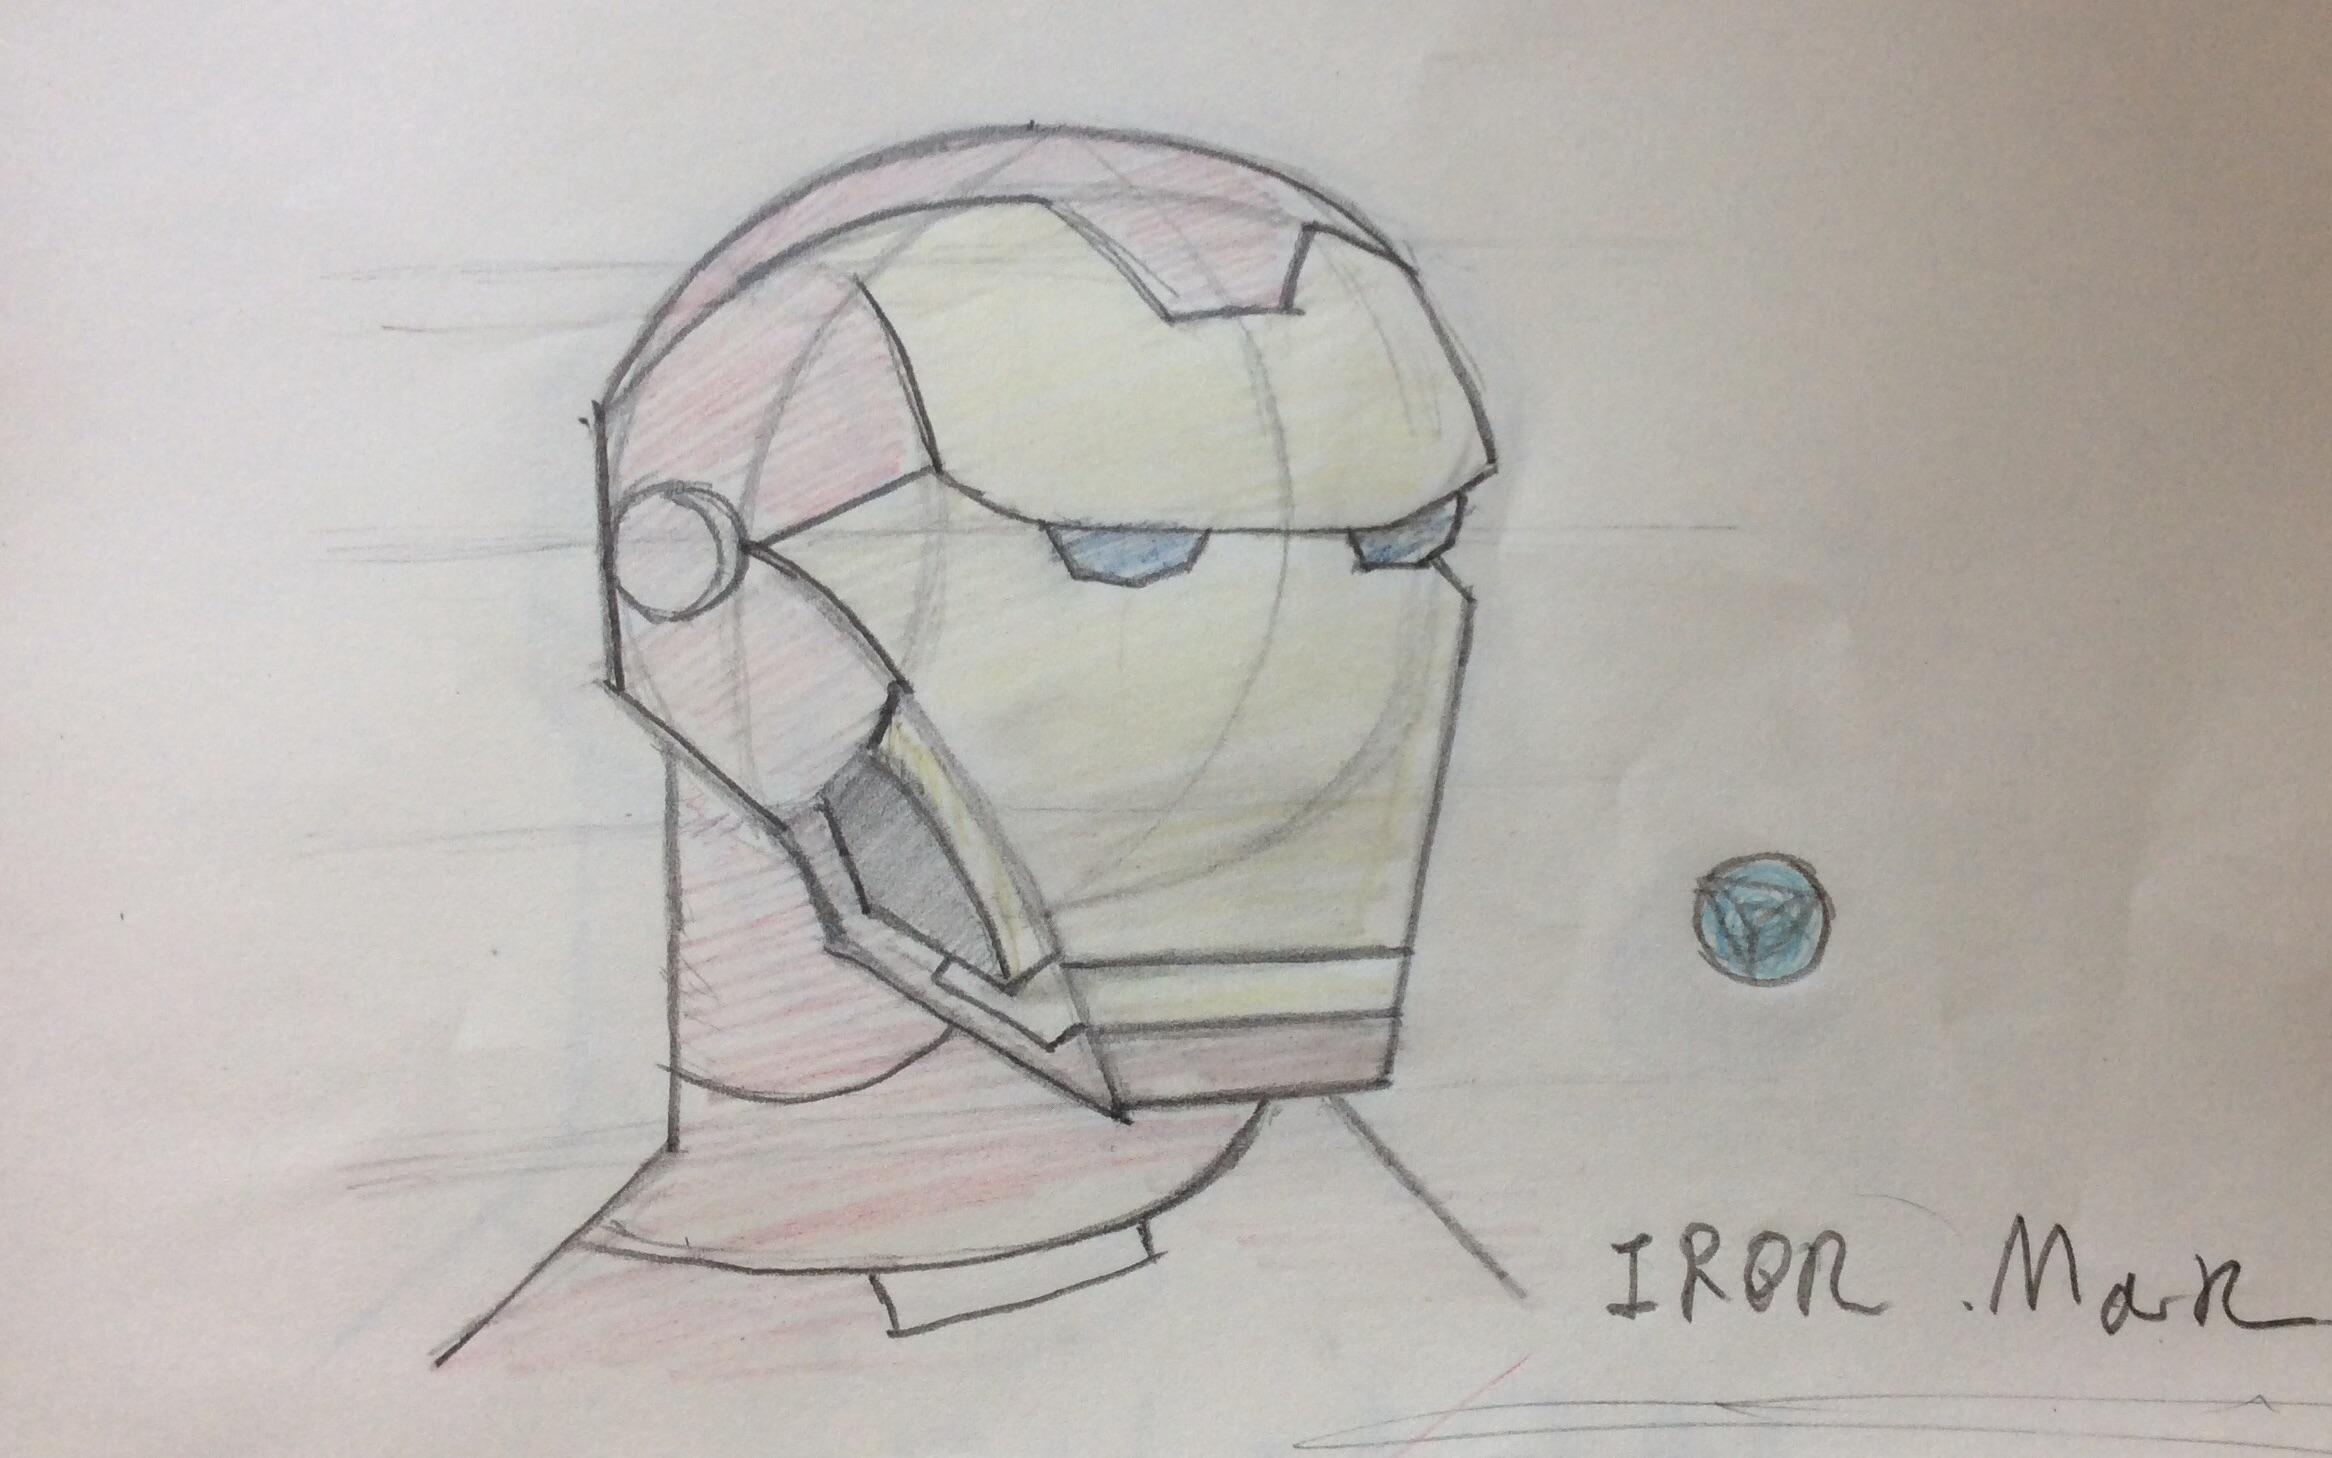 手绘 攘夷志士桂小太郎今天就要画一个钢铁侠 的头 哔哩哔哩 ゜ ゜ つロ